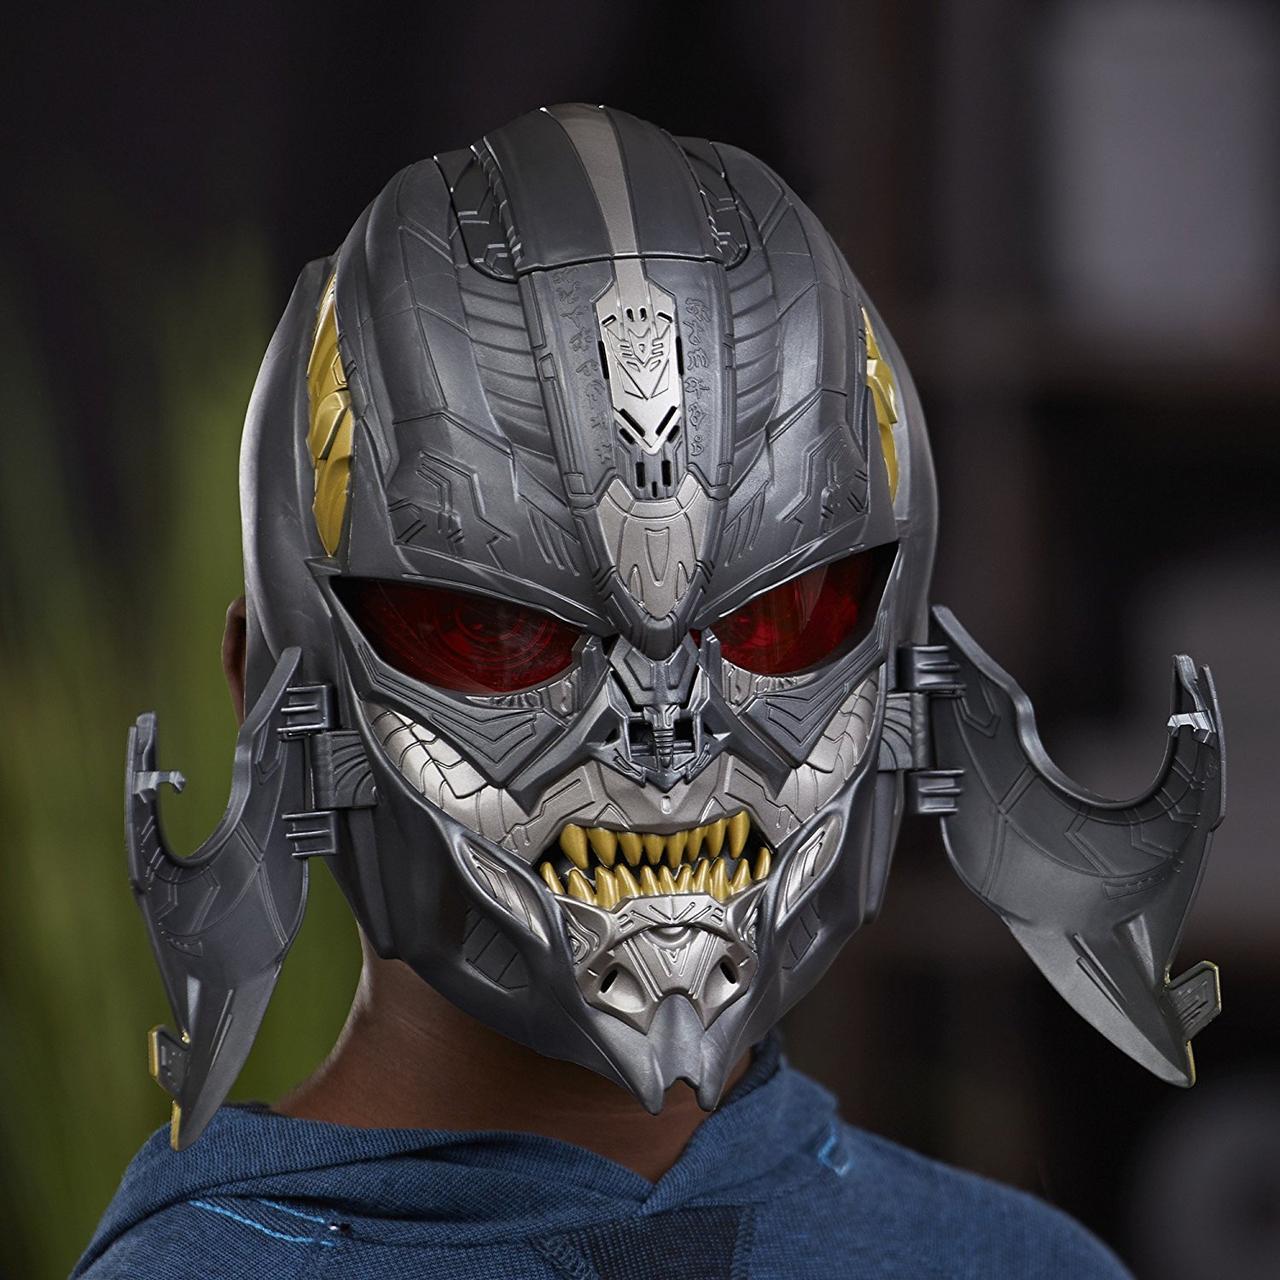 Электронная маска Мегатрон 2в1, Трансформеры 5,Megatron Megatron Voice Changer Mask, Hasbro из США